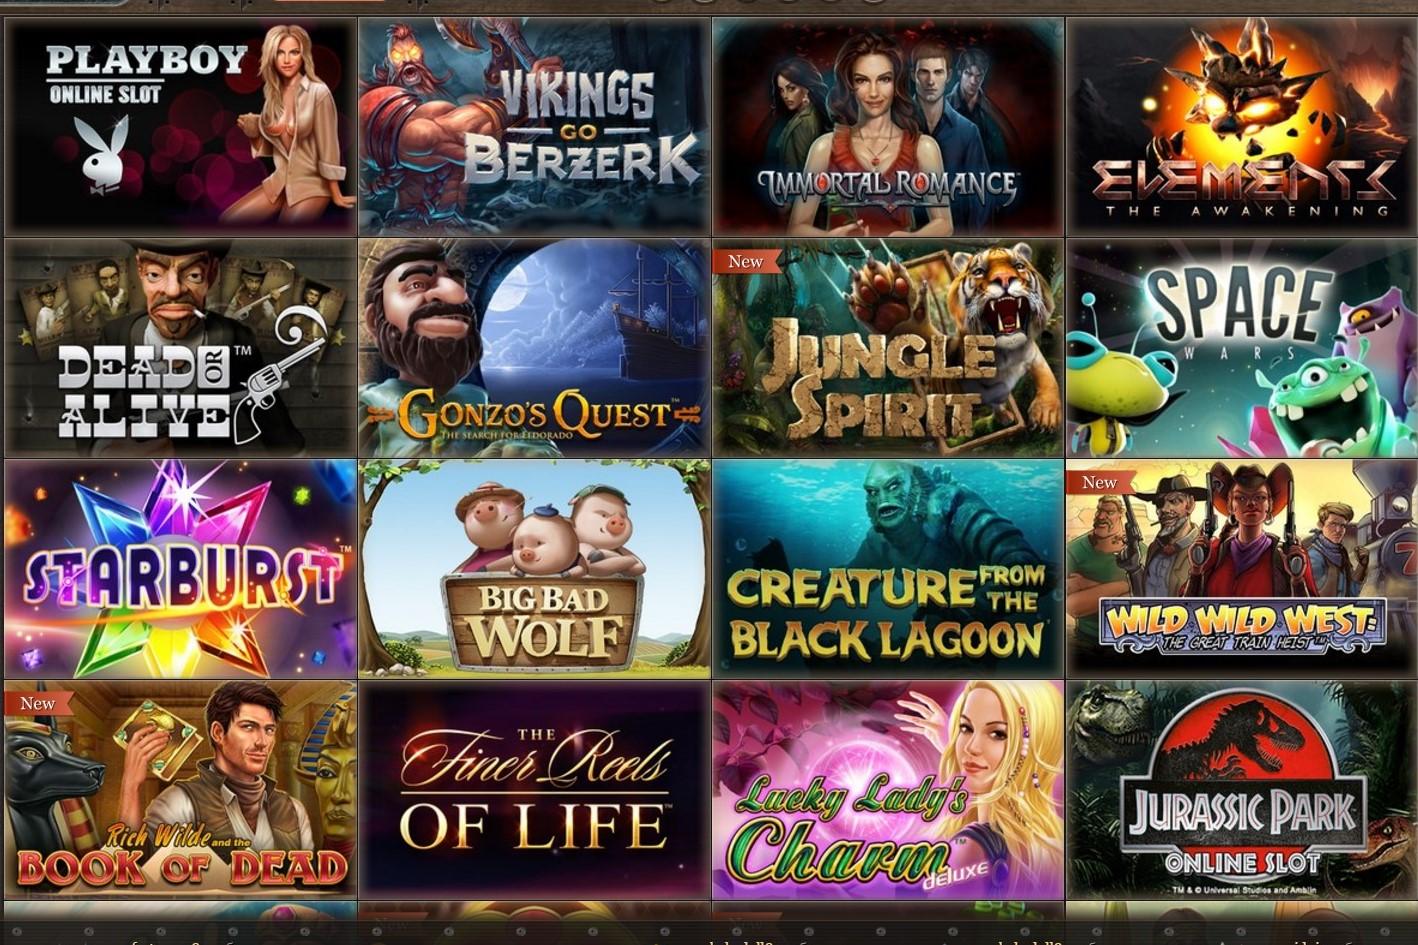 Казино вулкан прибыль покер кости игра играть онлайн бесплатно